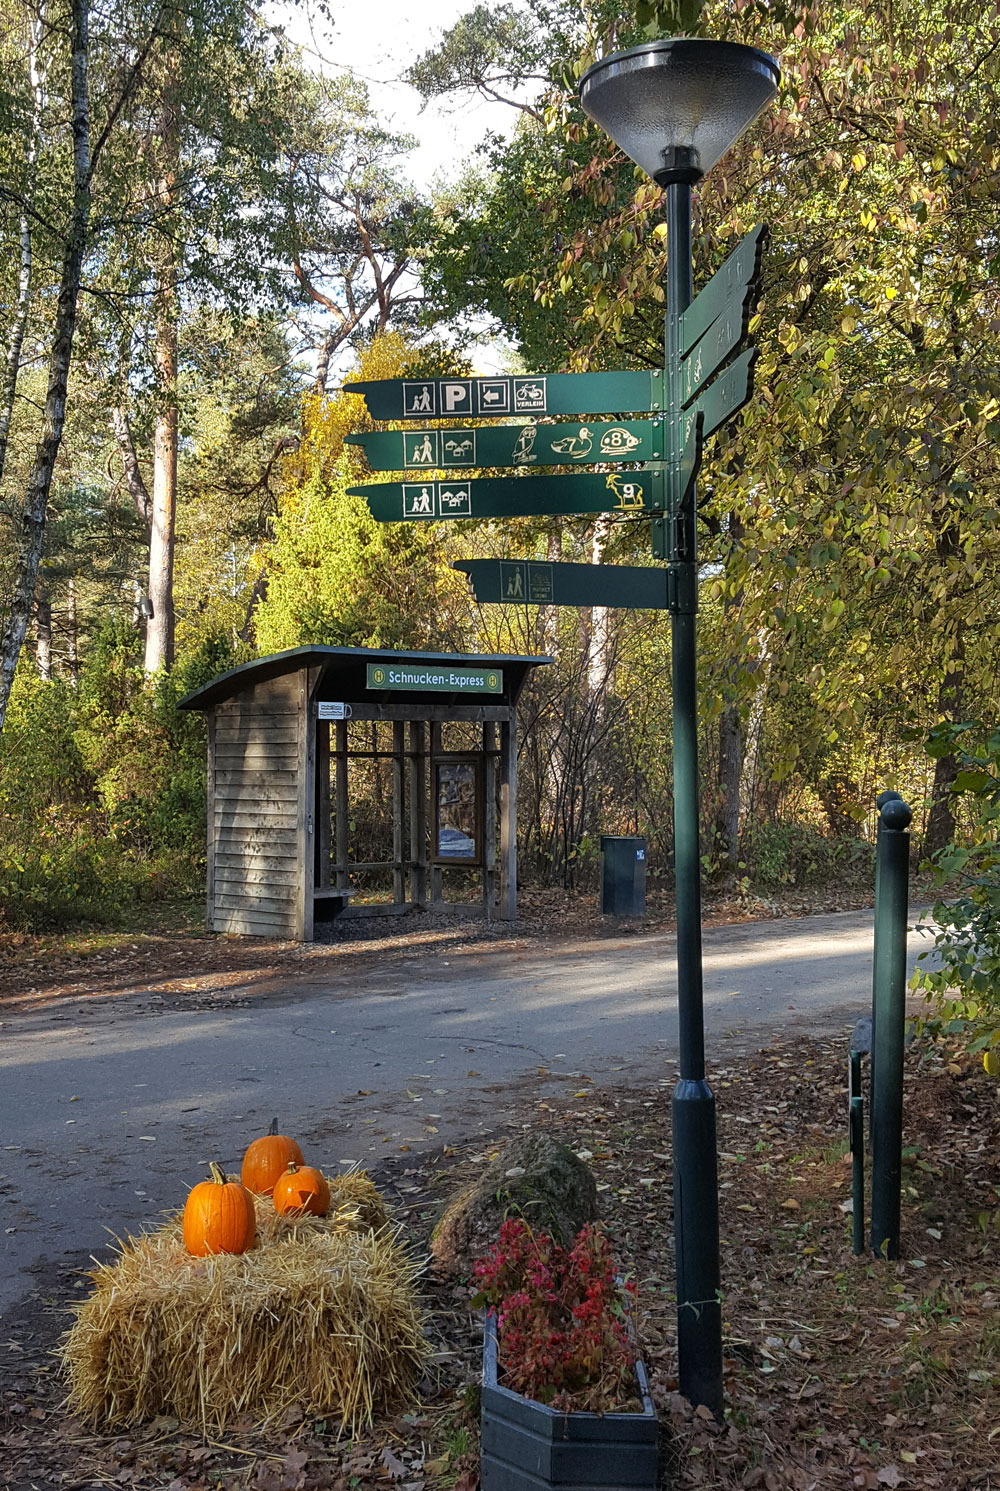 Beschilderung und eine Schnucken-Express Haltestelle im Centerpark Bispinger Heide